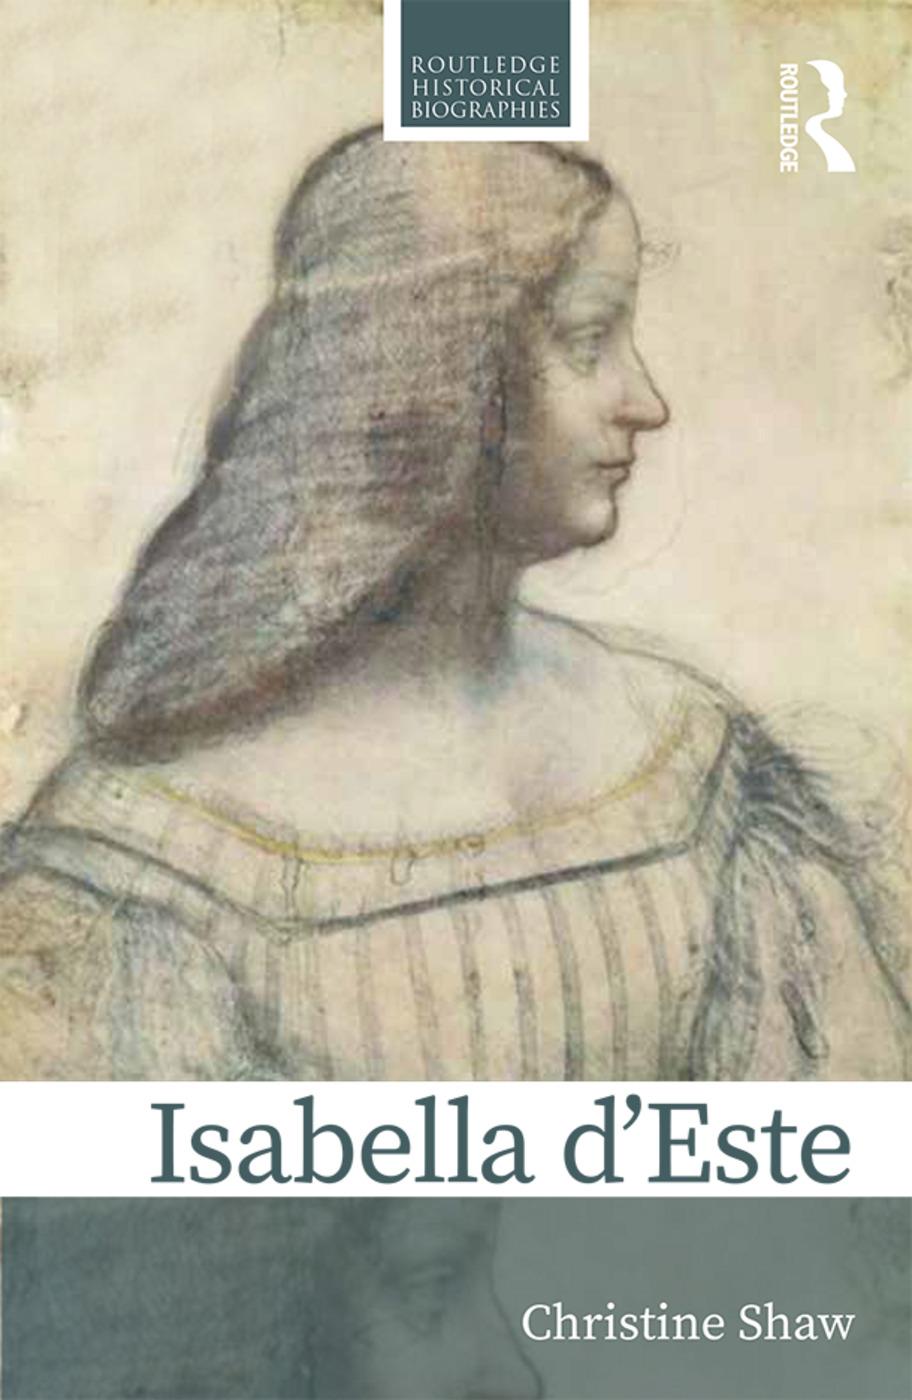 Isabella d'Este: A Renaissance Princess, 1st Edition (Paperback) book cover